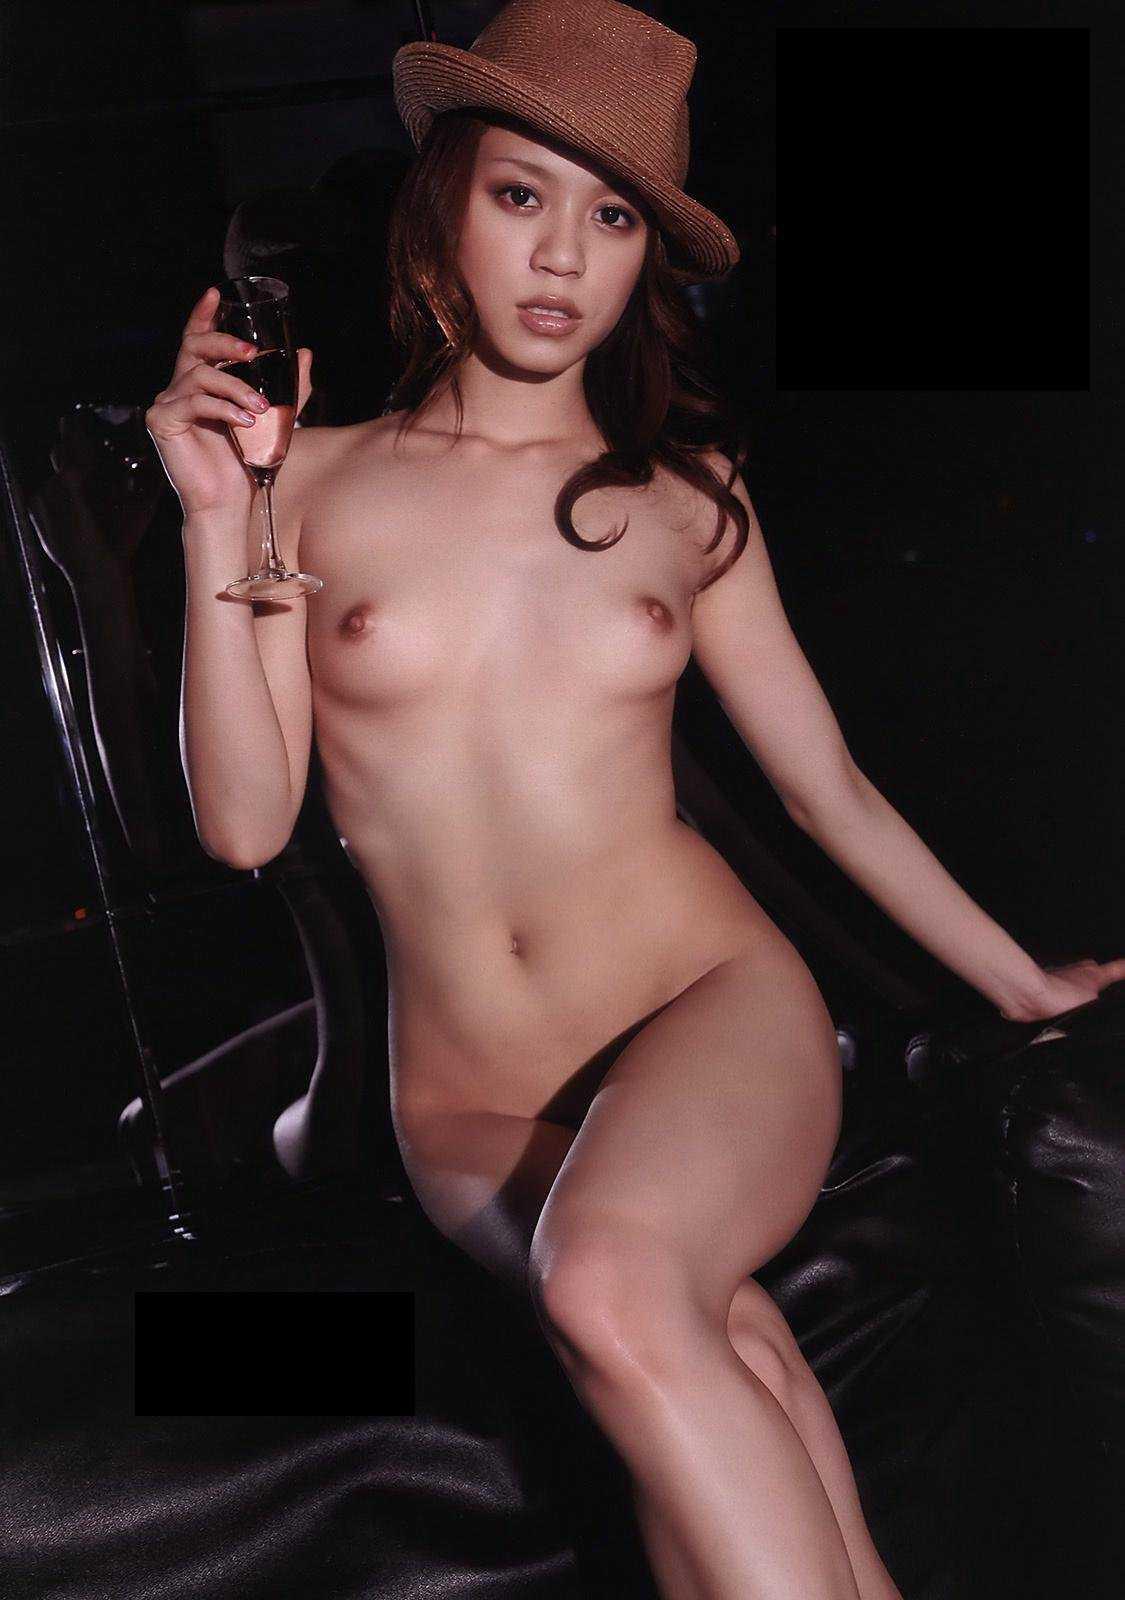 妖艶な美人、藤井シェリー (16)